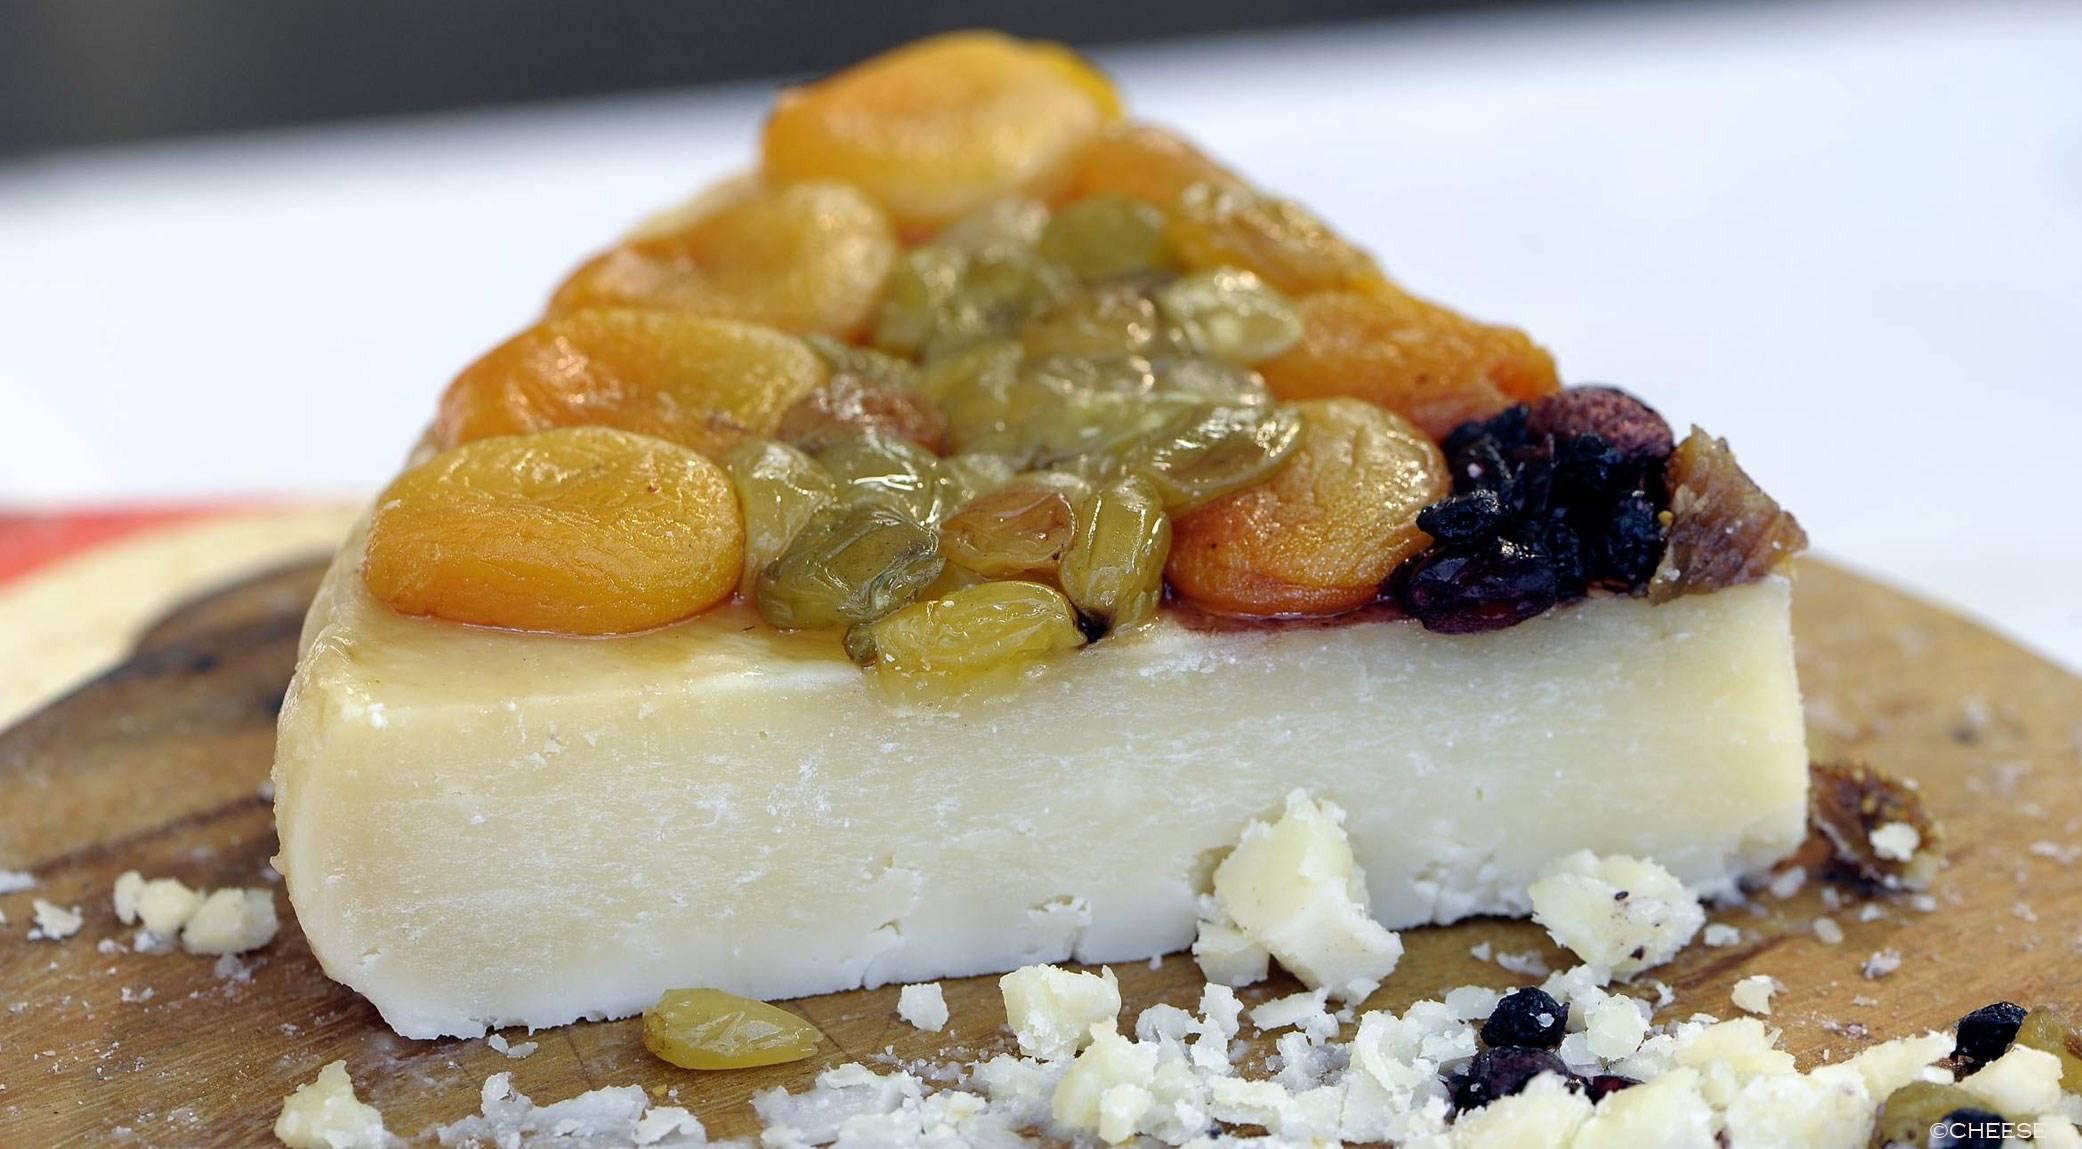 cheese-2013-formaggio-frutta